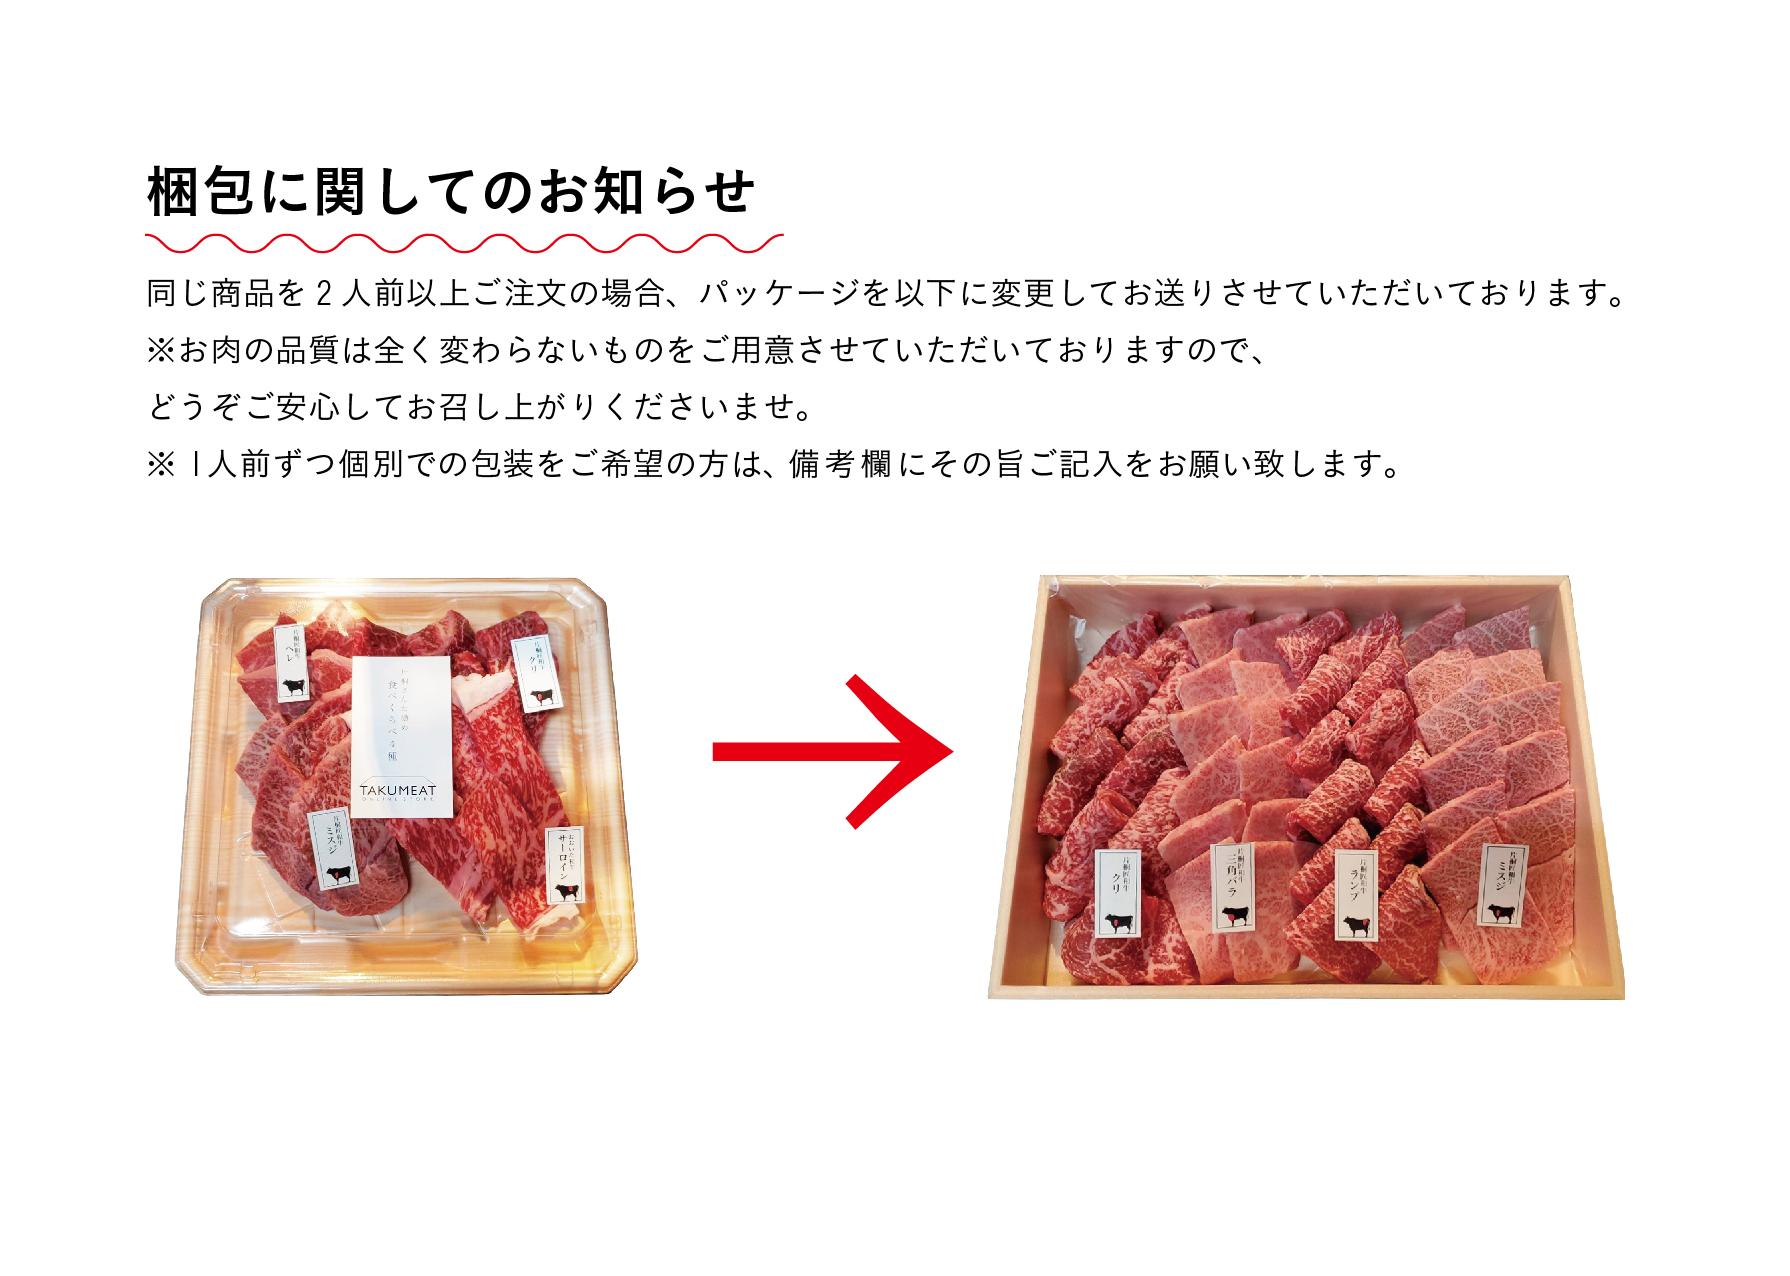 梱包に関してのお知らせ。同じ商品を2人前以上ご注文の場合、パッケージを画像のように簡易包装にしてお送りさせていただいております。※お肉の瀕死くは全く変わらないものをご用意させていただいておりますので、どうぞご安心してお召し上がりくださいませ。